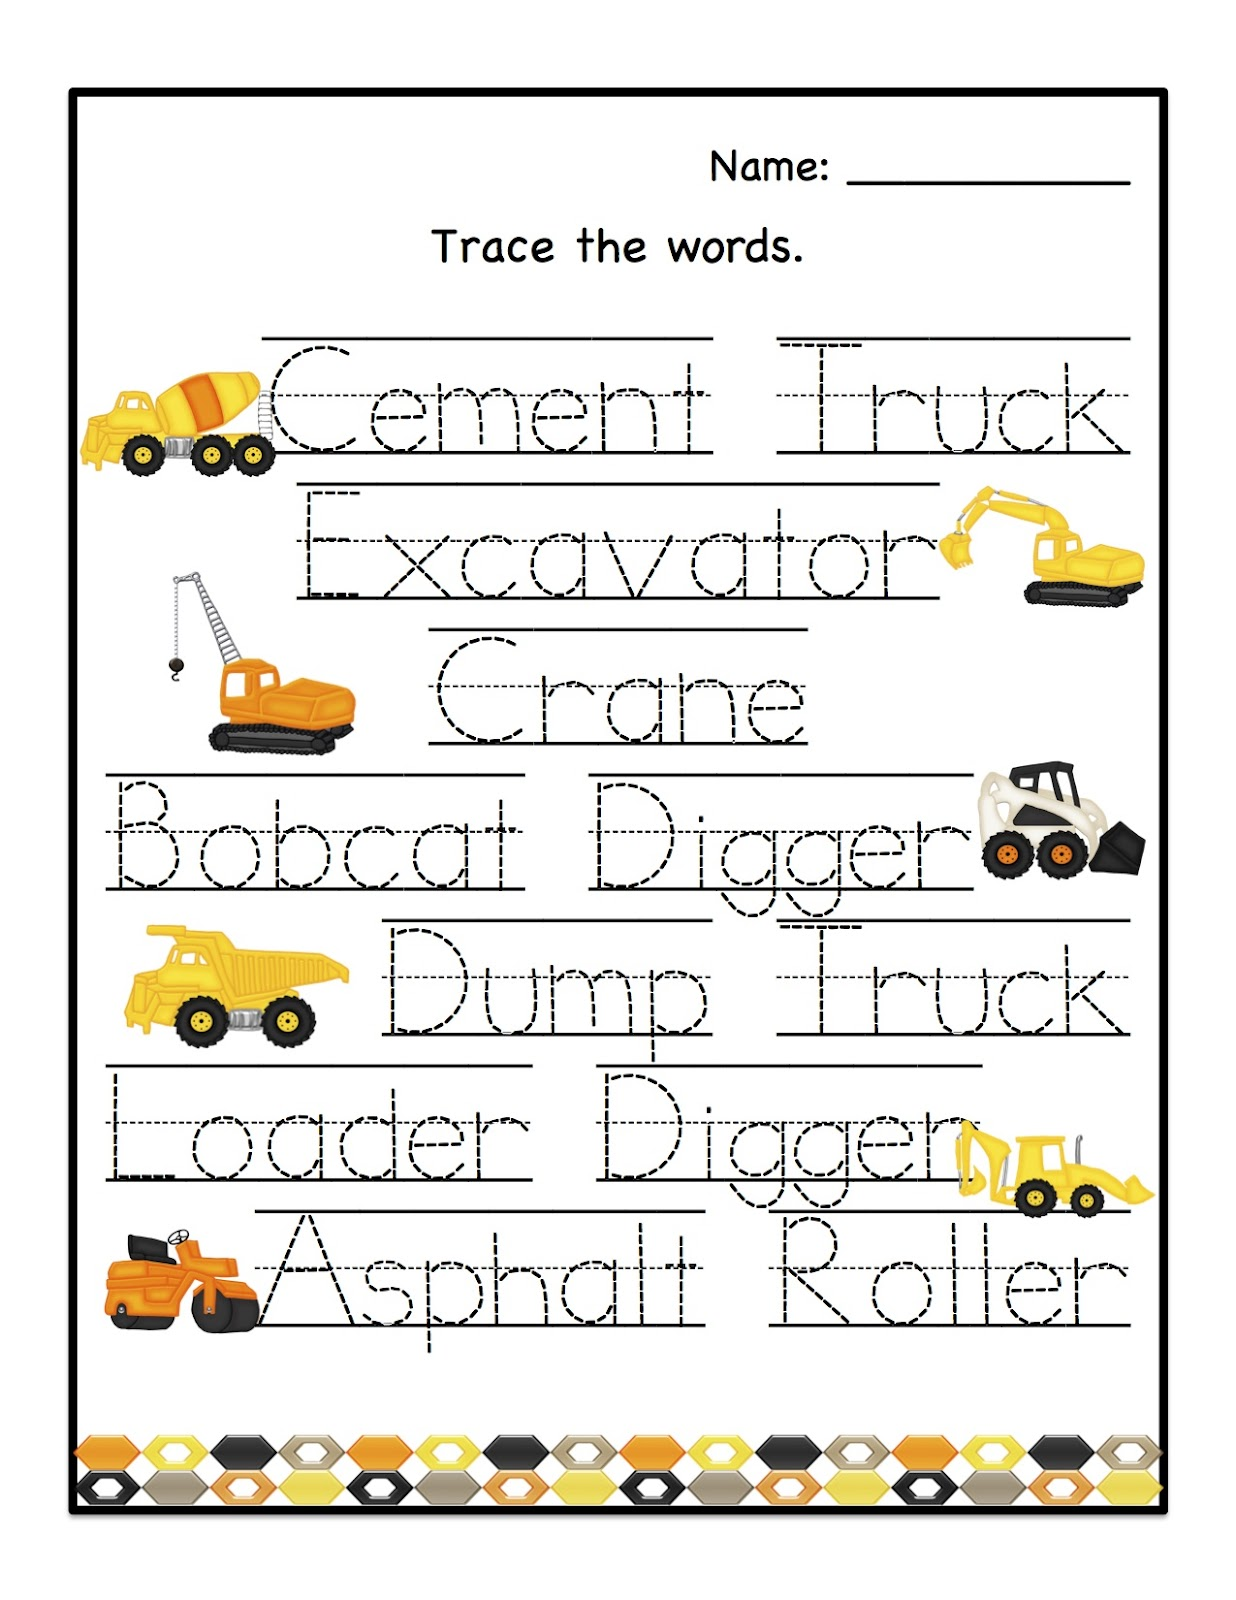 Preschool Printables: August 2012